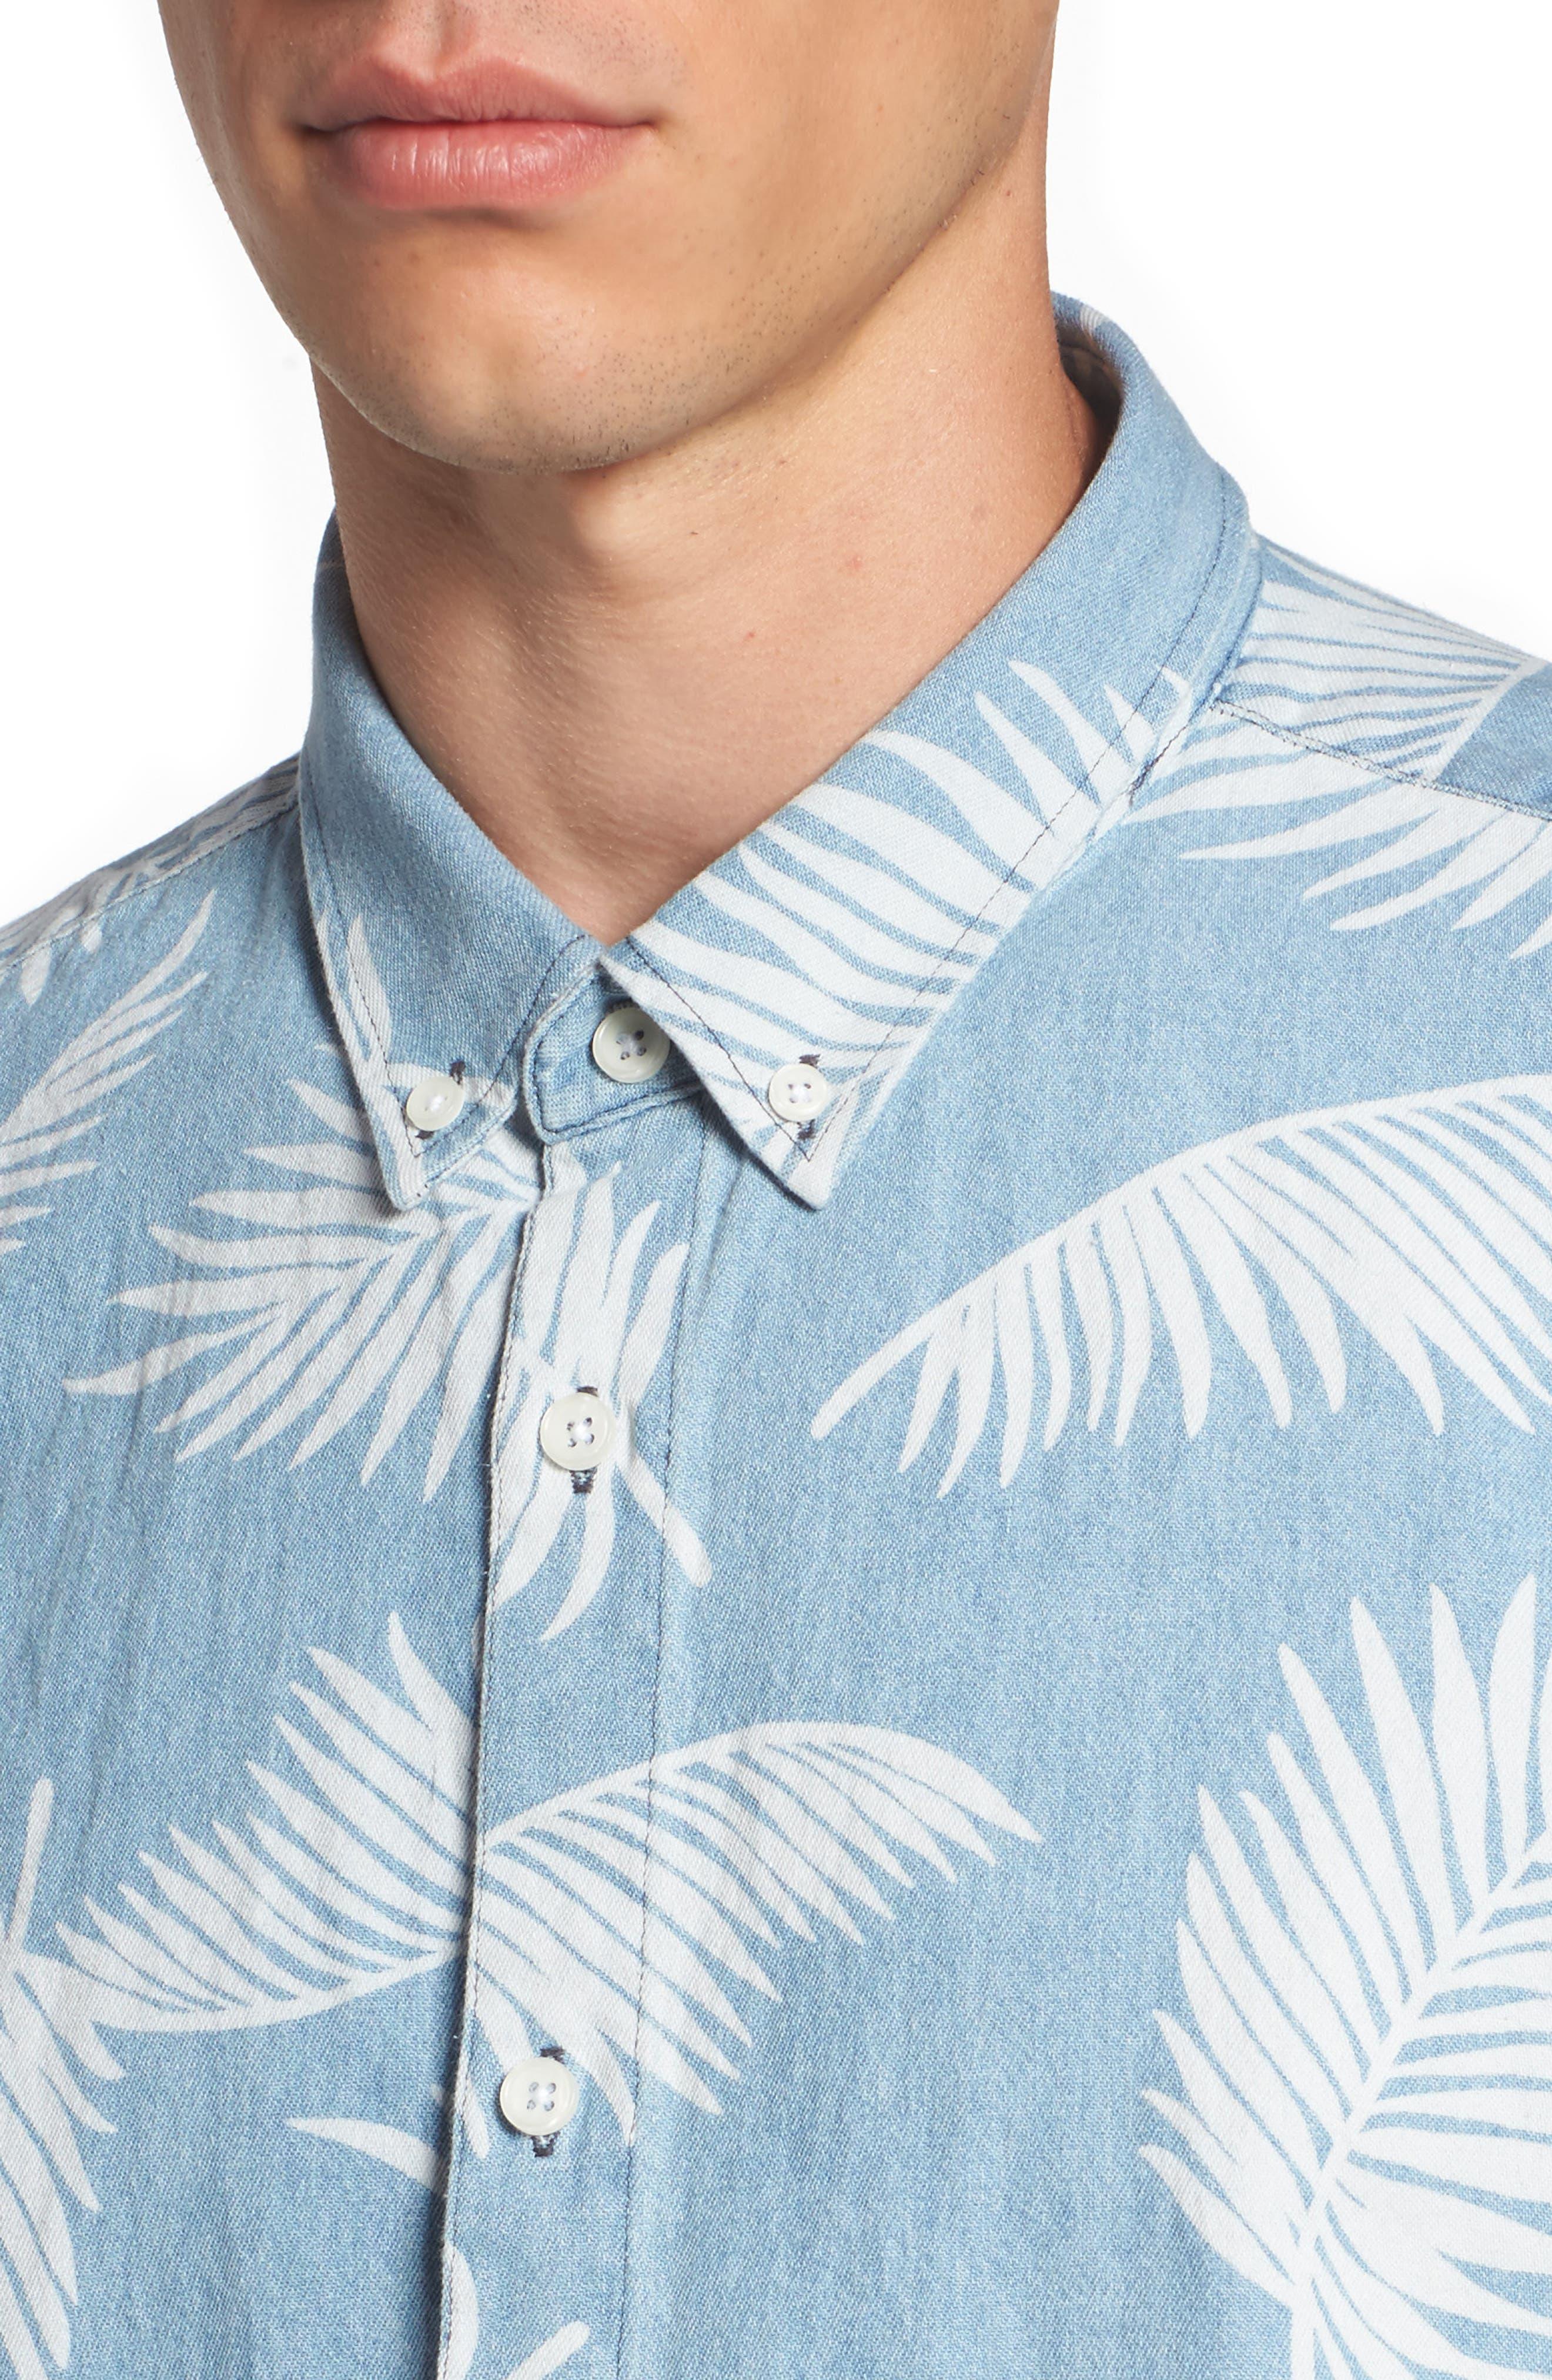 Bahamas Shirt,                             Alternate thumbnail 4, color,                             Indigo/ Floral